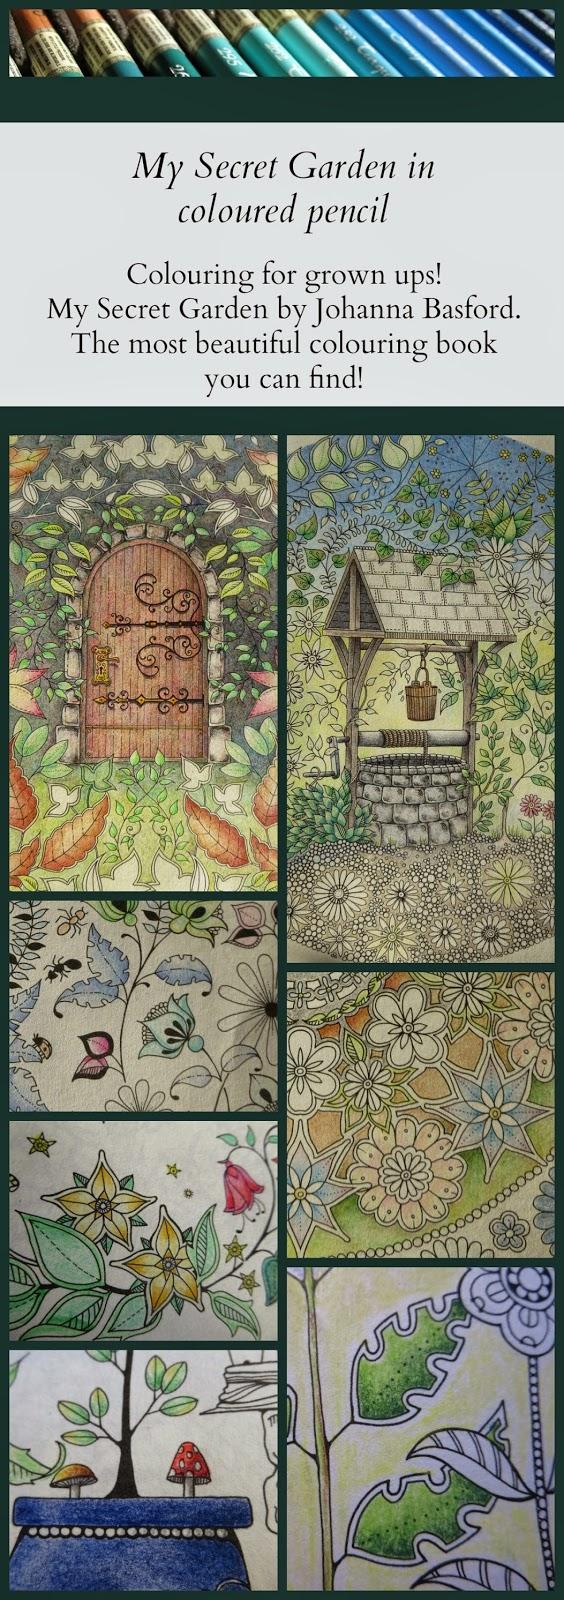 My Secret Garden Colouring Book Part 3